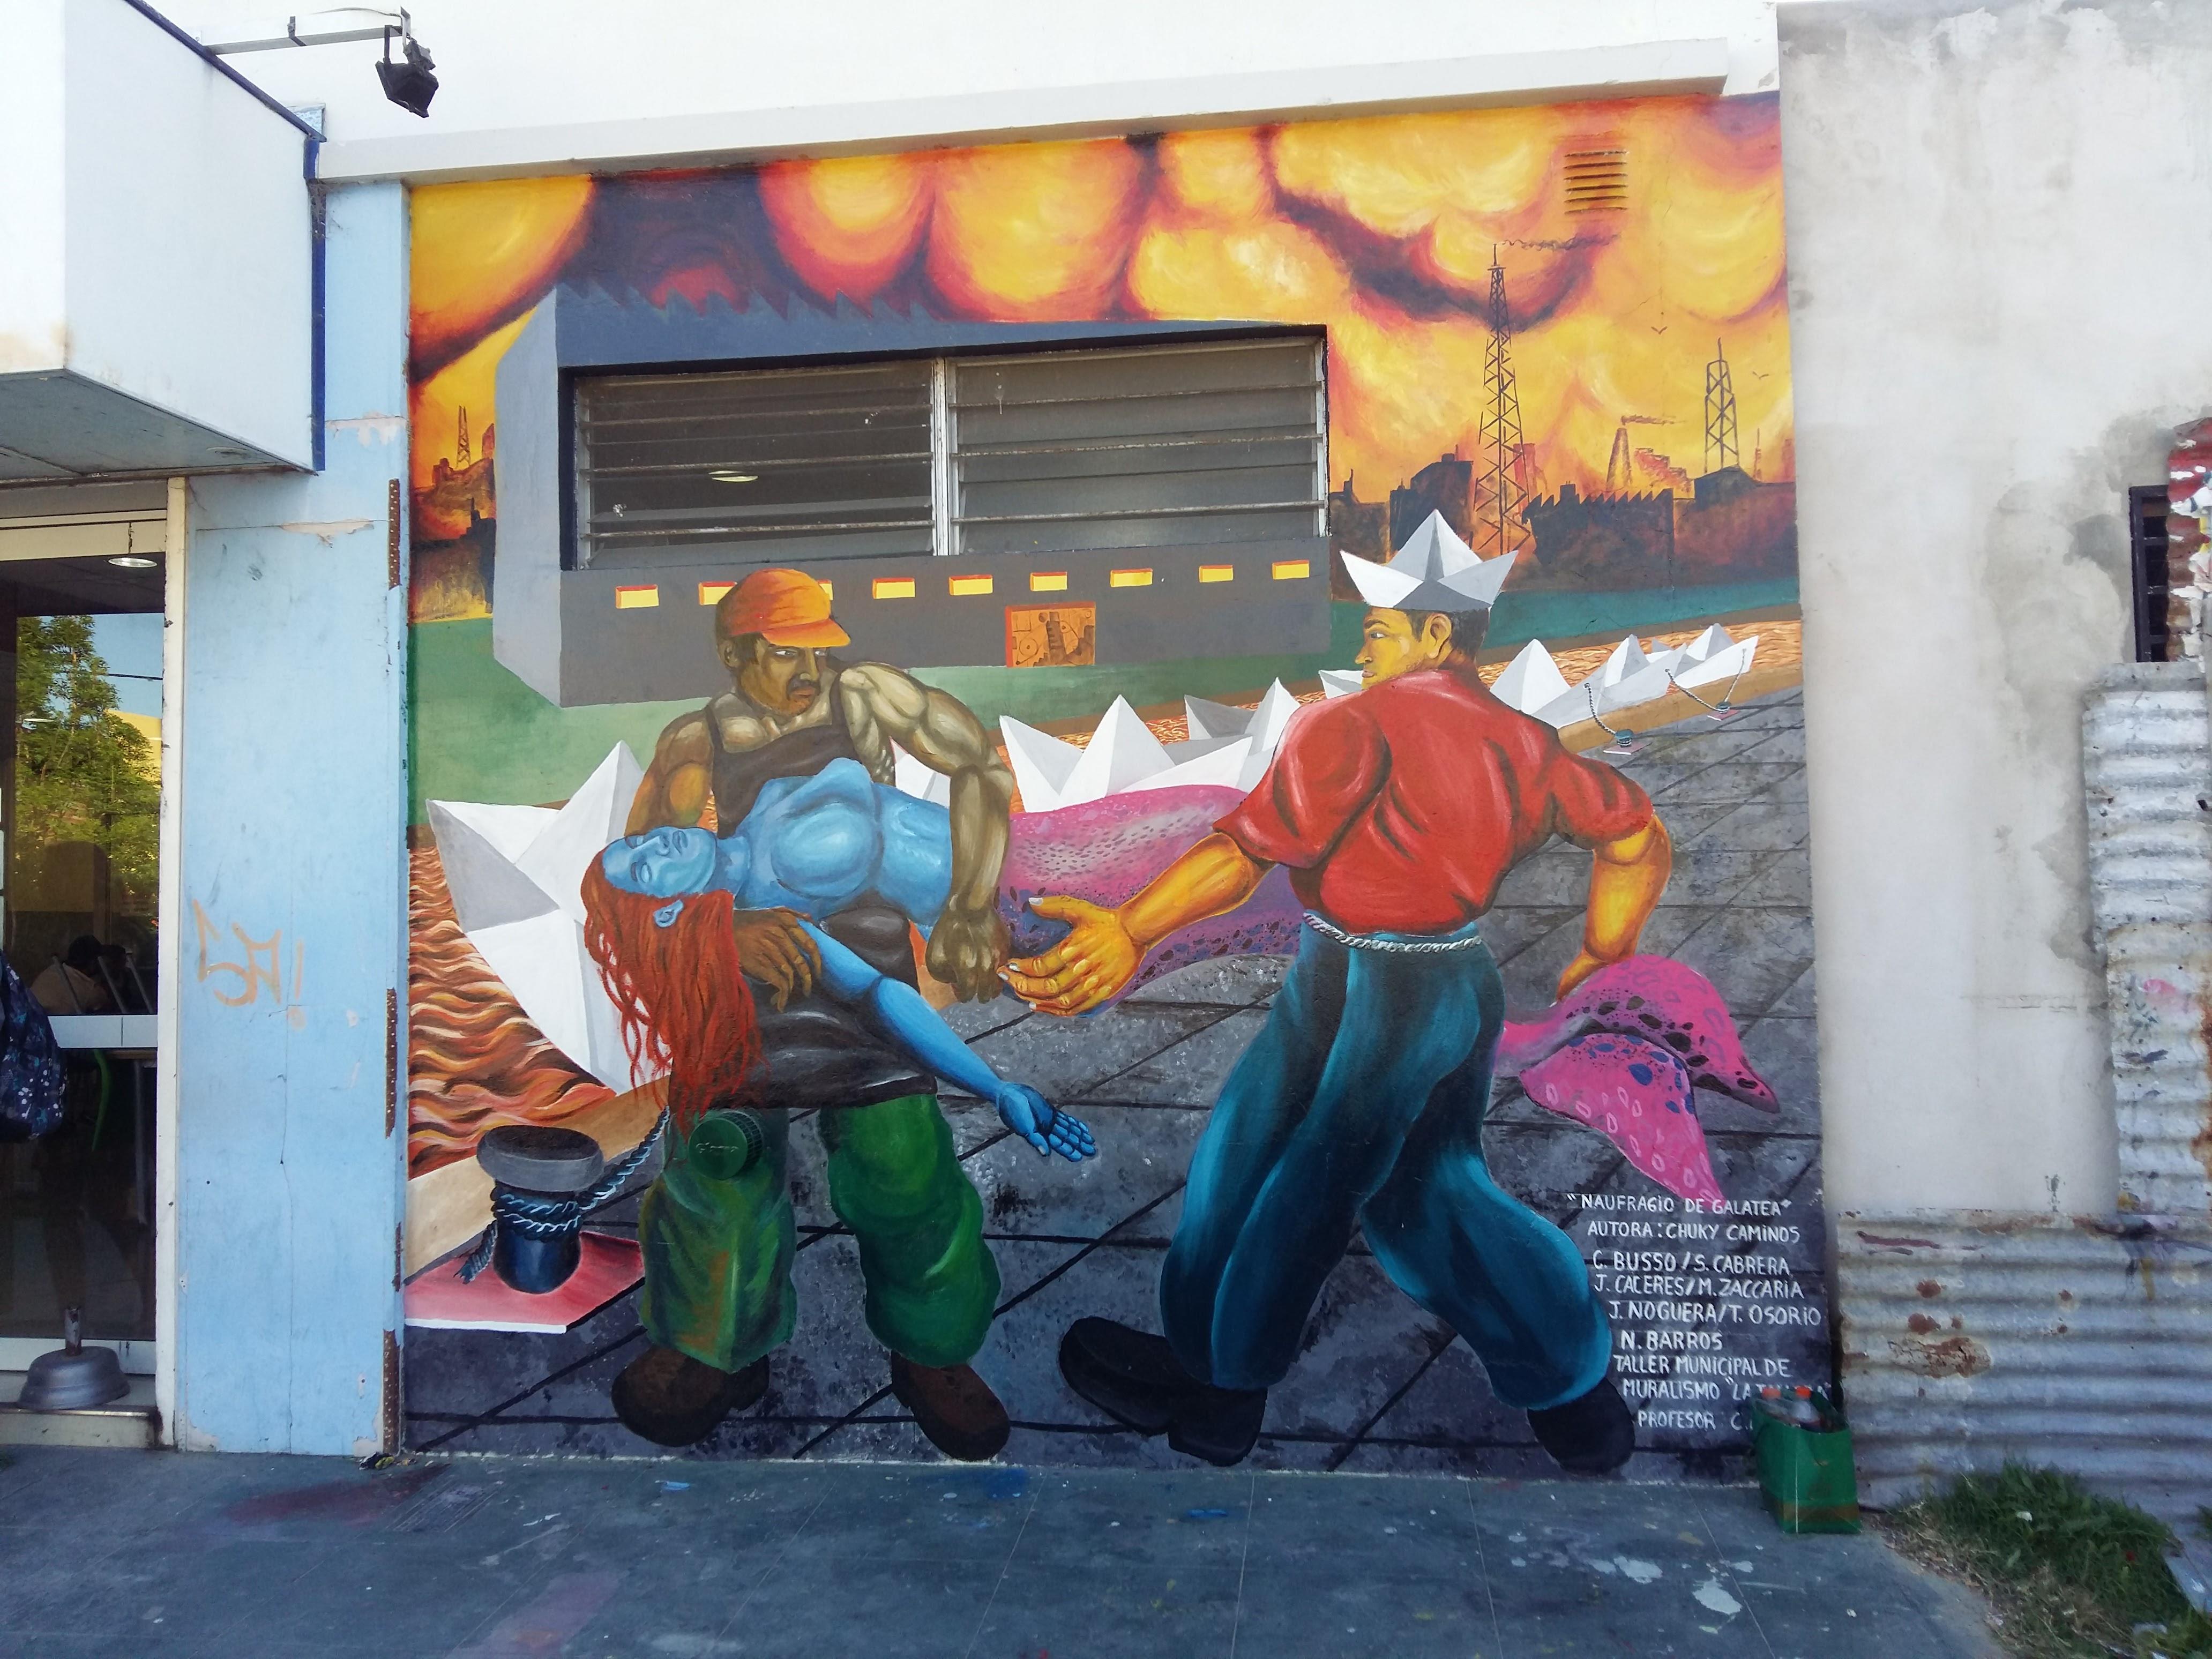 """La Dirección de Cultura de la Municipalidad de Berisso continúa con el trabajo trazado por el taller de muralismo """"La Tallera"""" en un muro de la calle 164 entre 16 y 17, espacio donde se plasmó un nuevo mural de carácter surrealista."""